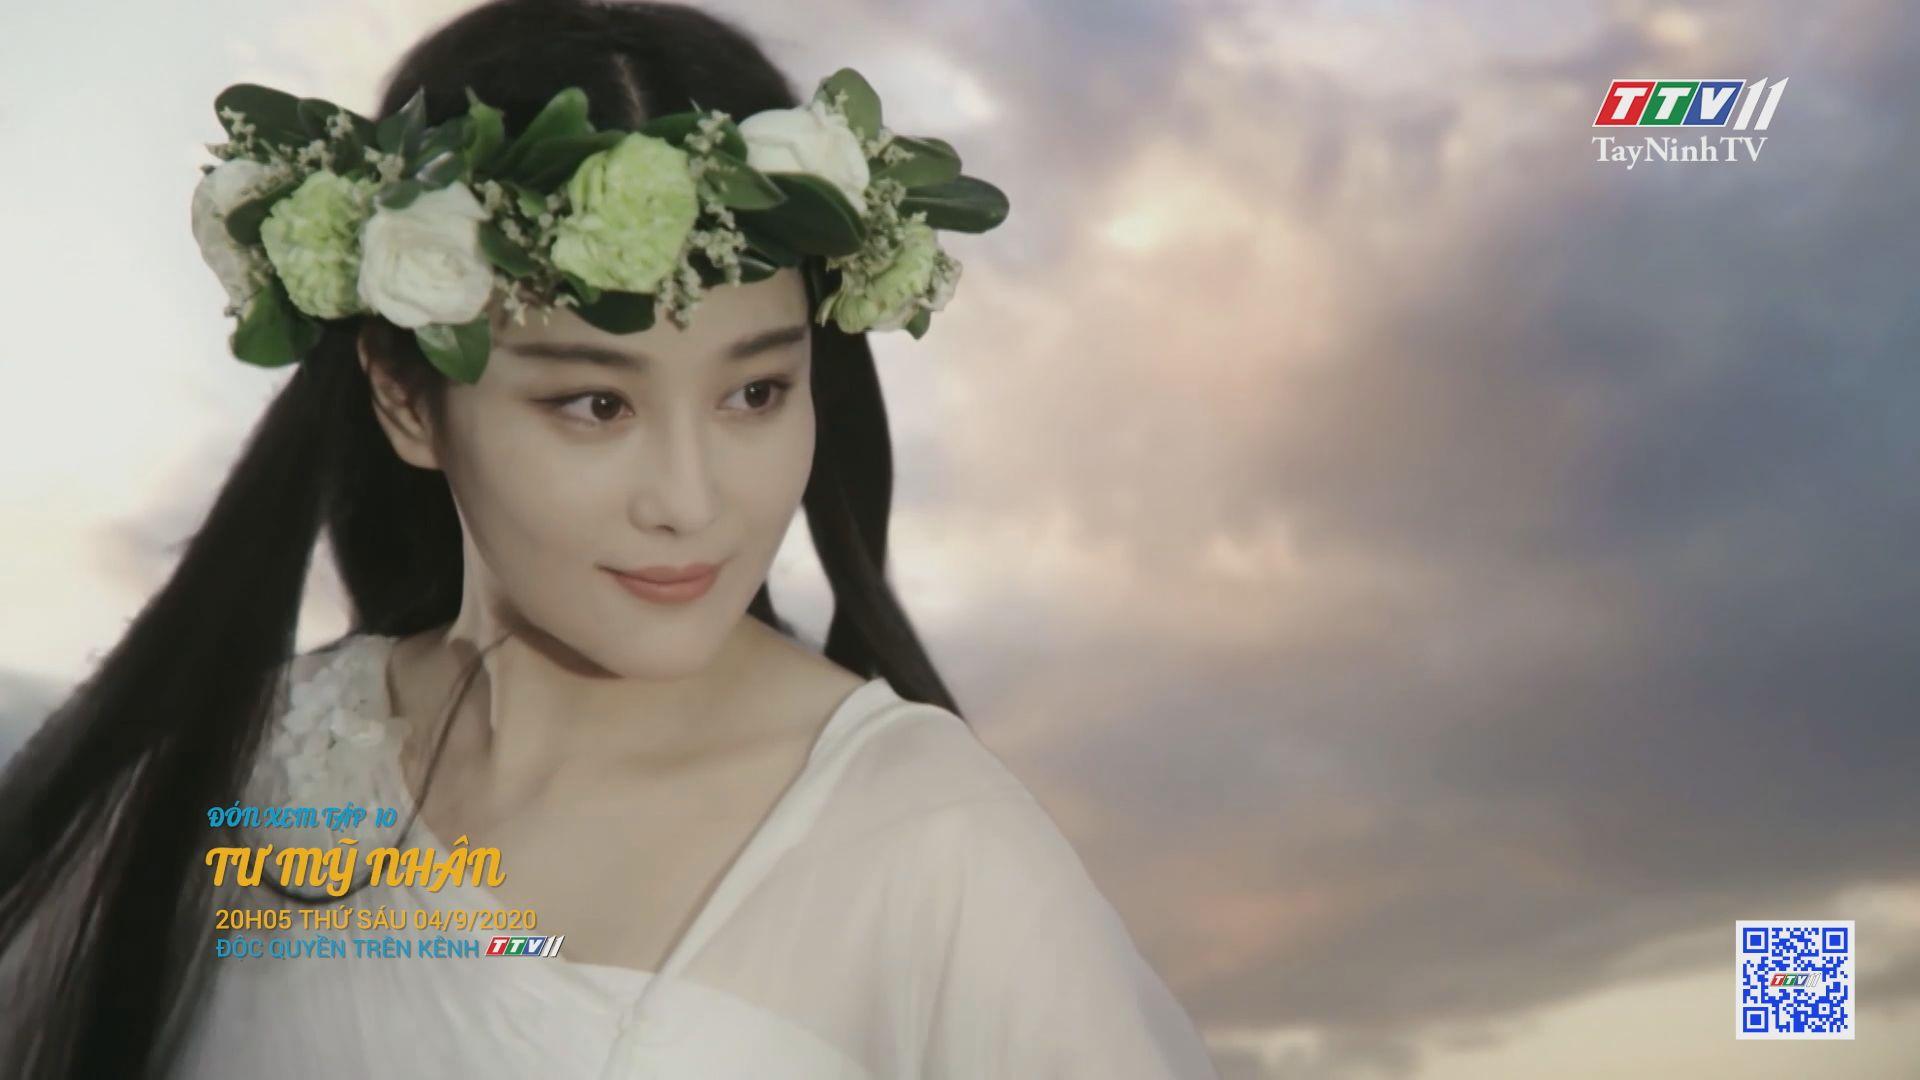 Tư mỹ nhân-TẬP 10 trailer | PHIM TƯ MỸ NHÂN | TayNinhTV